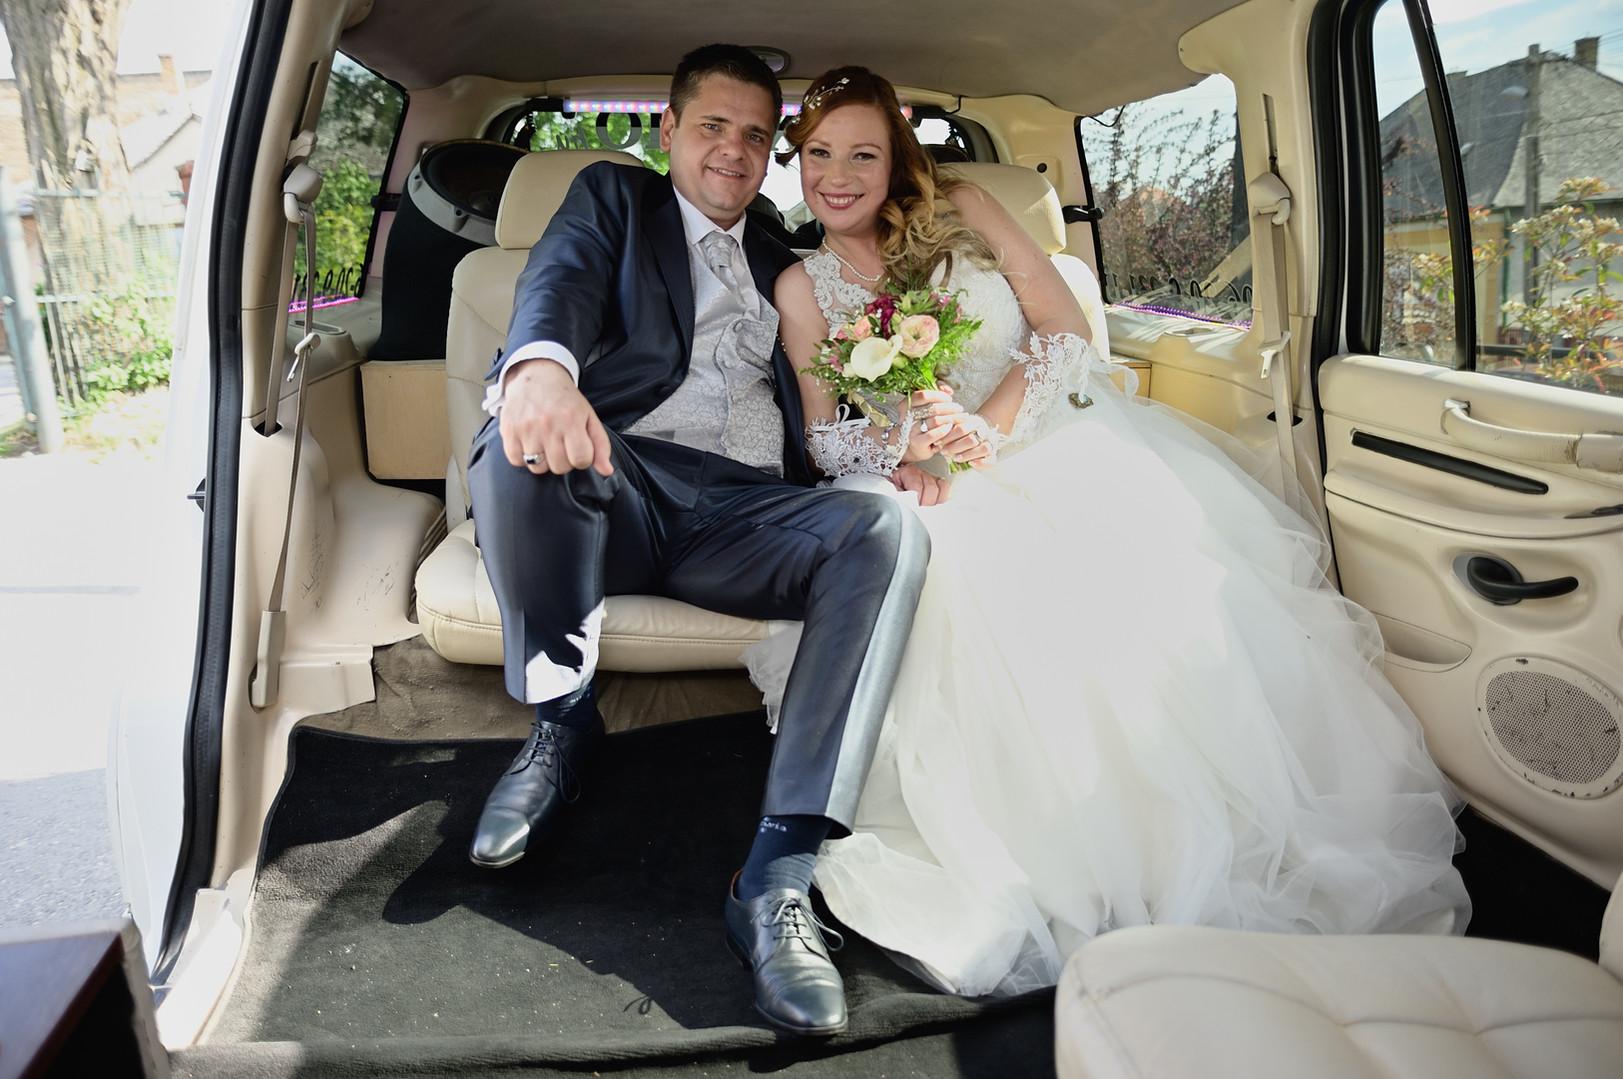 384  Esküvői fotózás - Enikő és Peti KRE